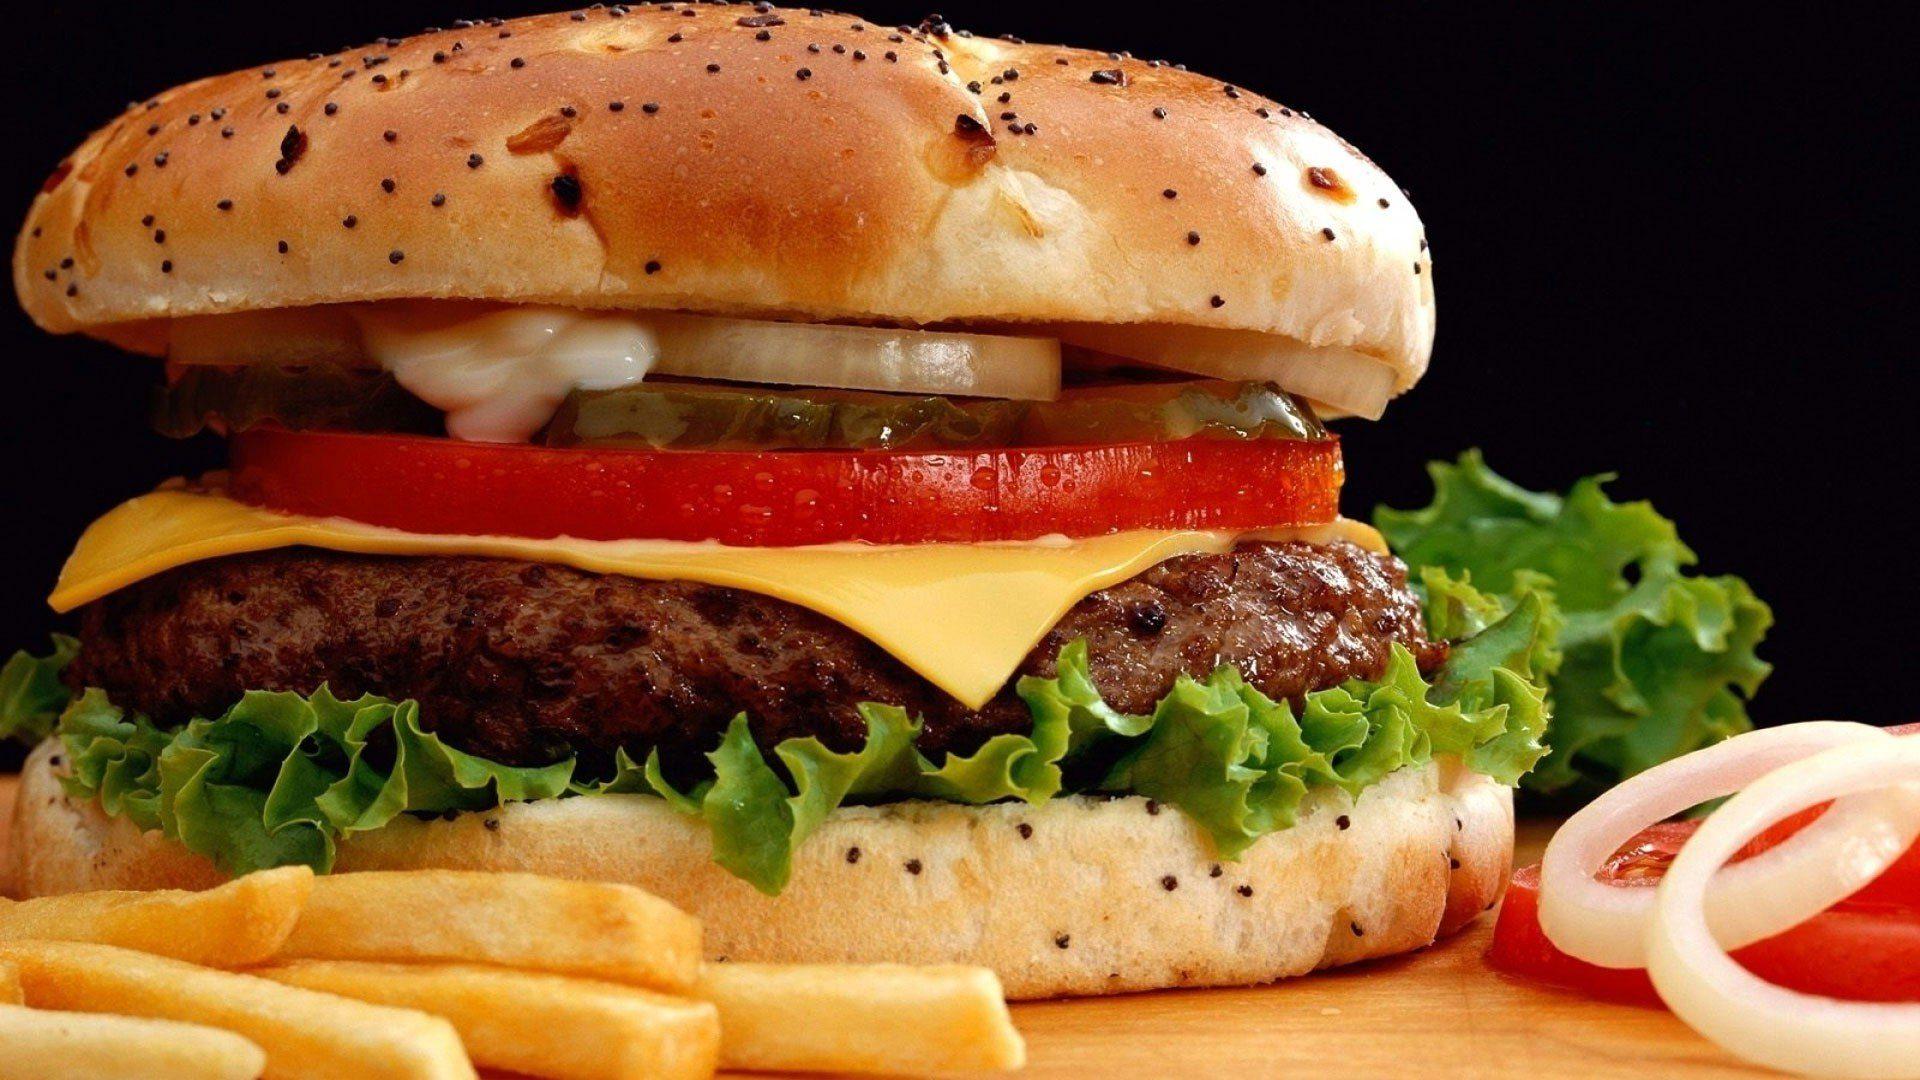 Наггетсы и картофель фри оказались наиболее вредными продуктами фастфуда